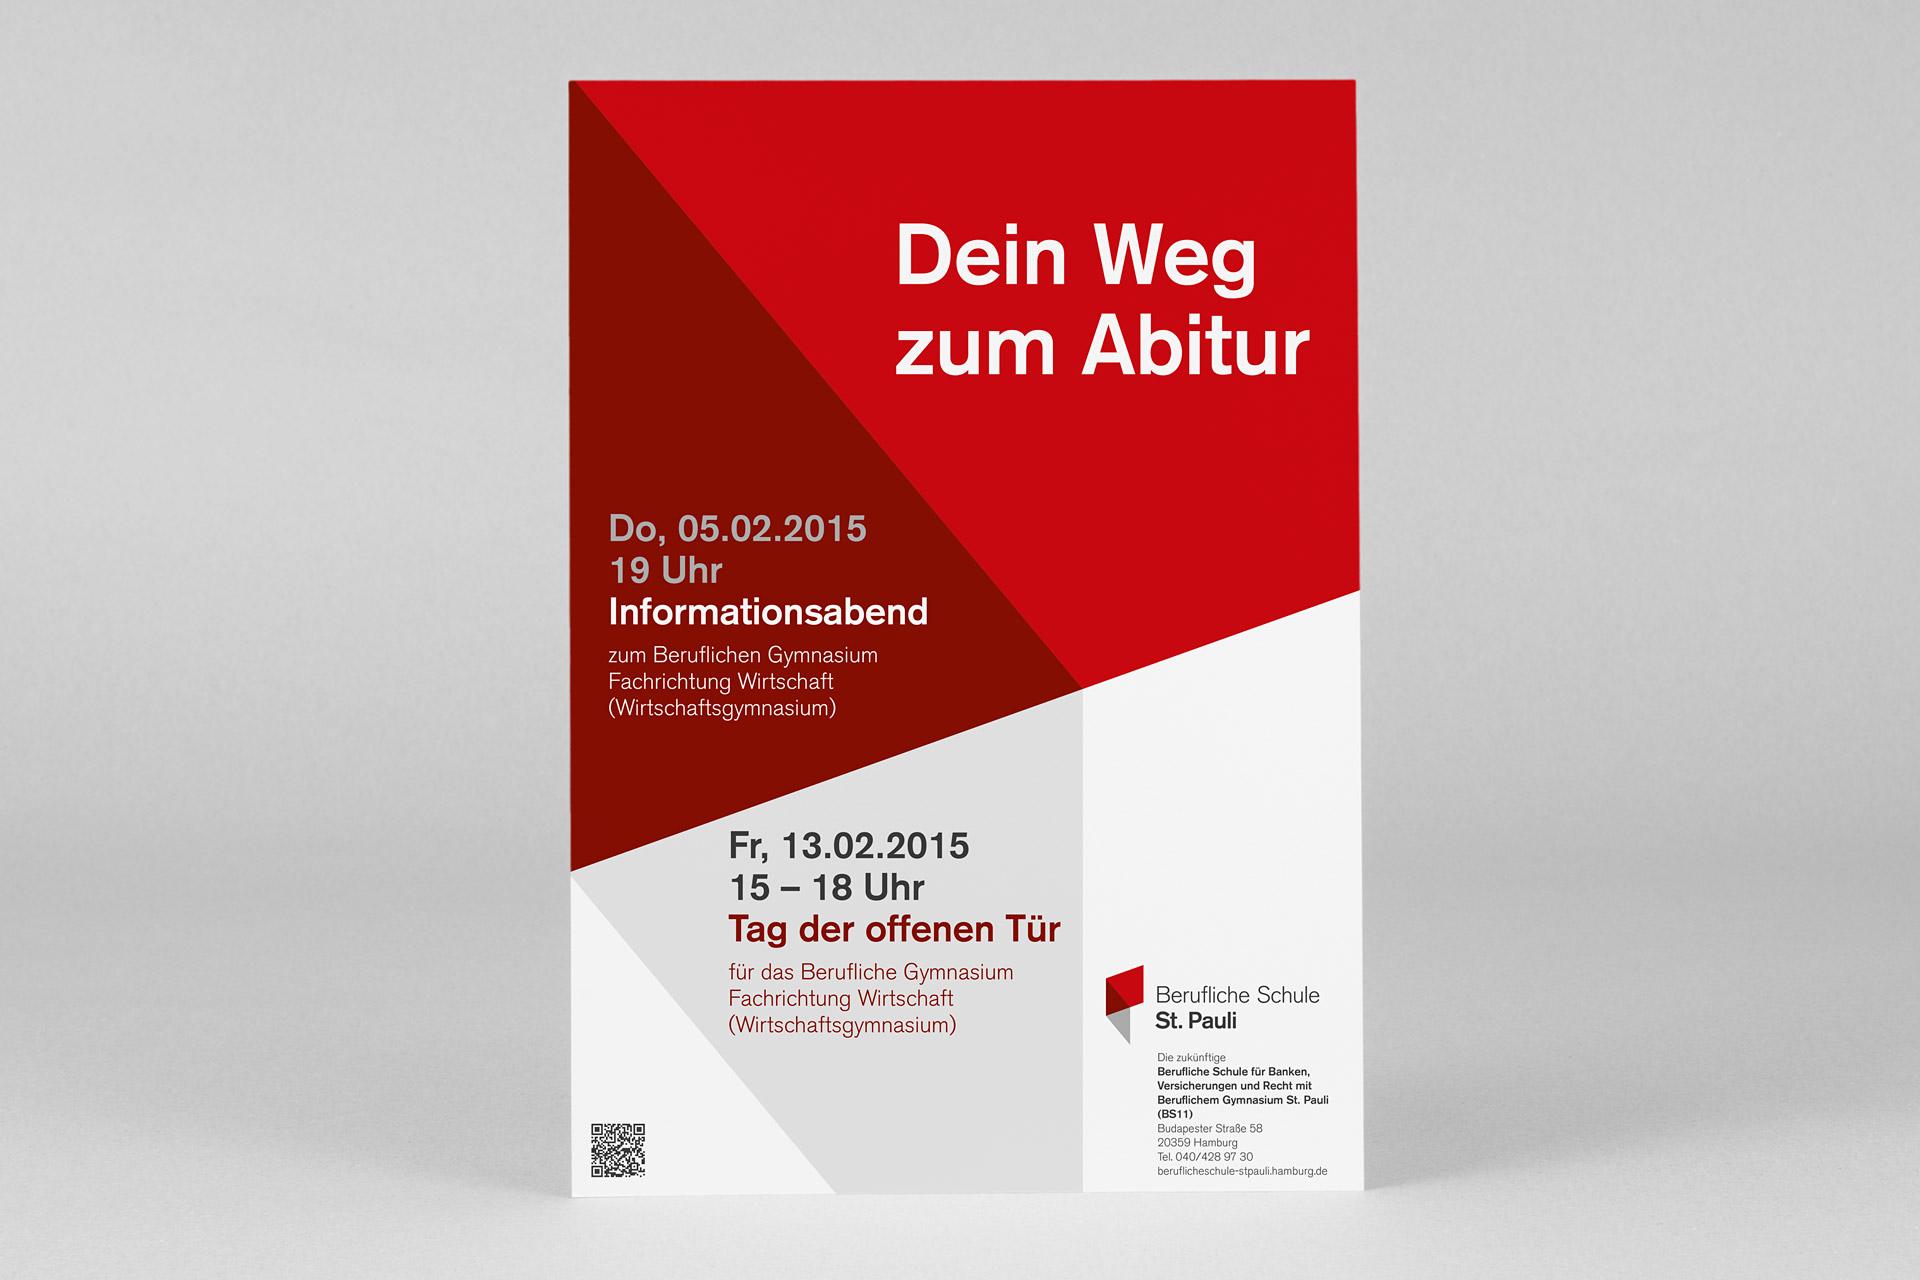 Corporate Design für Berufliche Schule St. Pauli, Beispiel Posterdesign